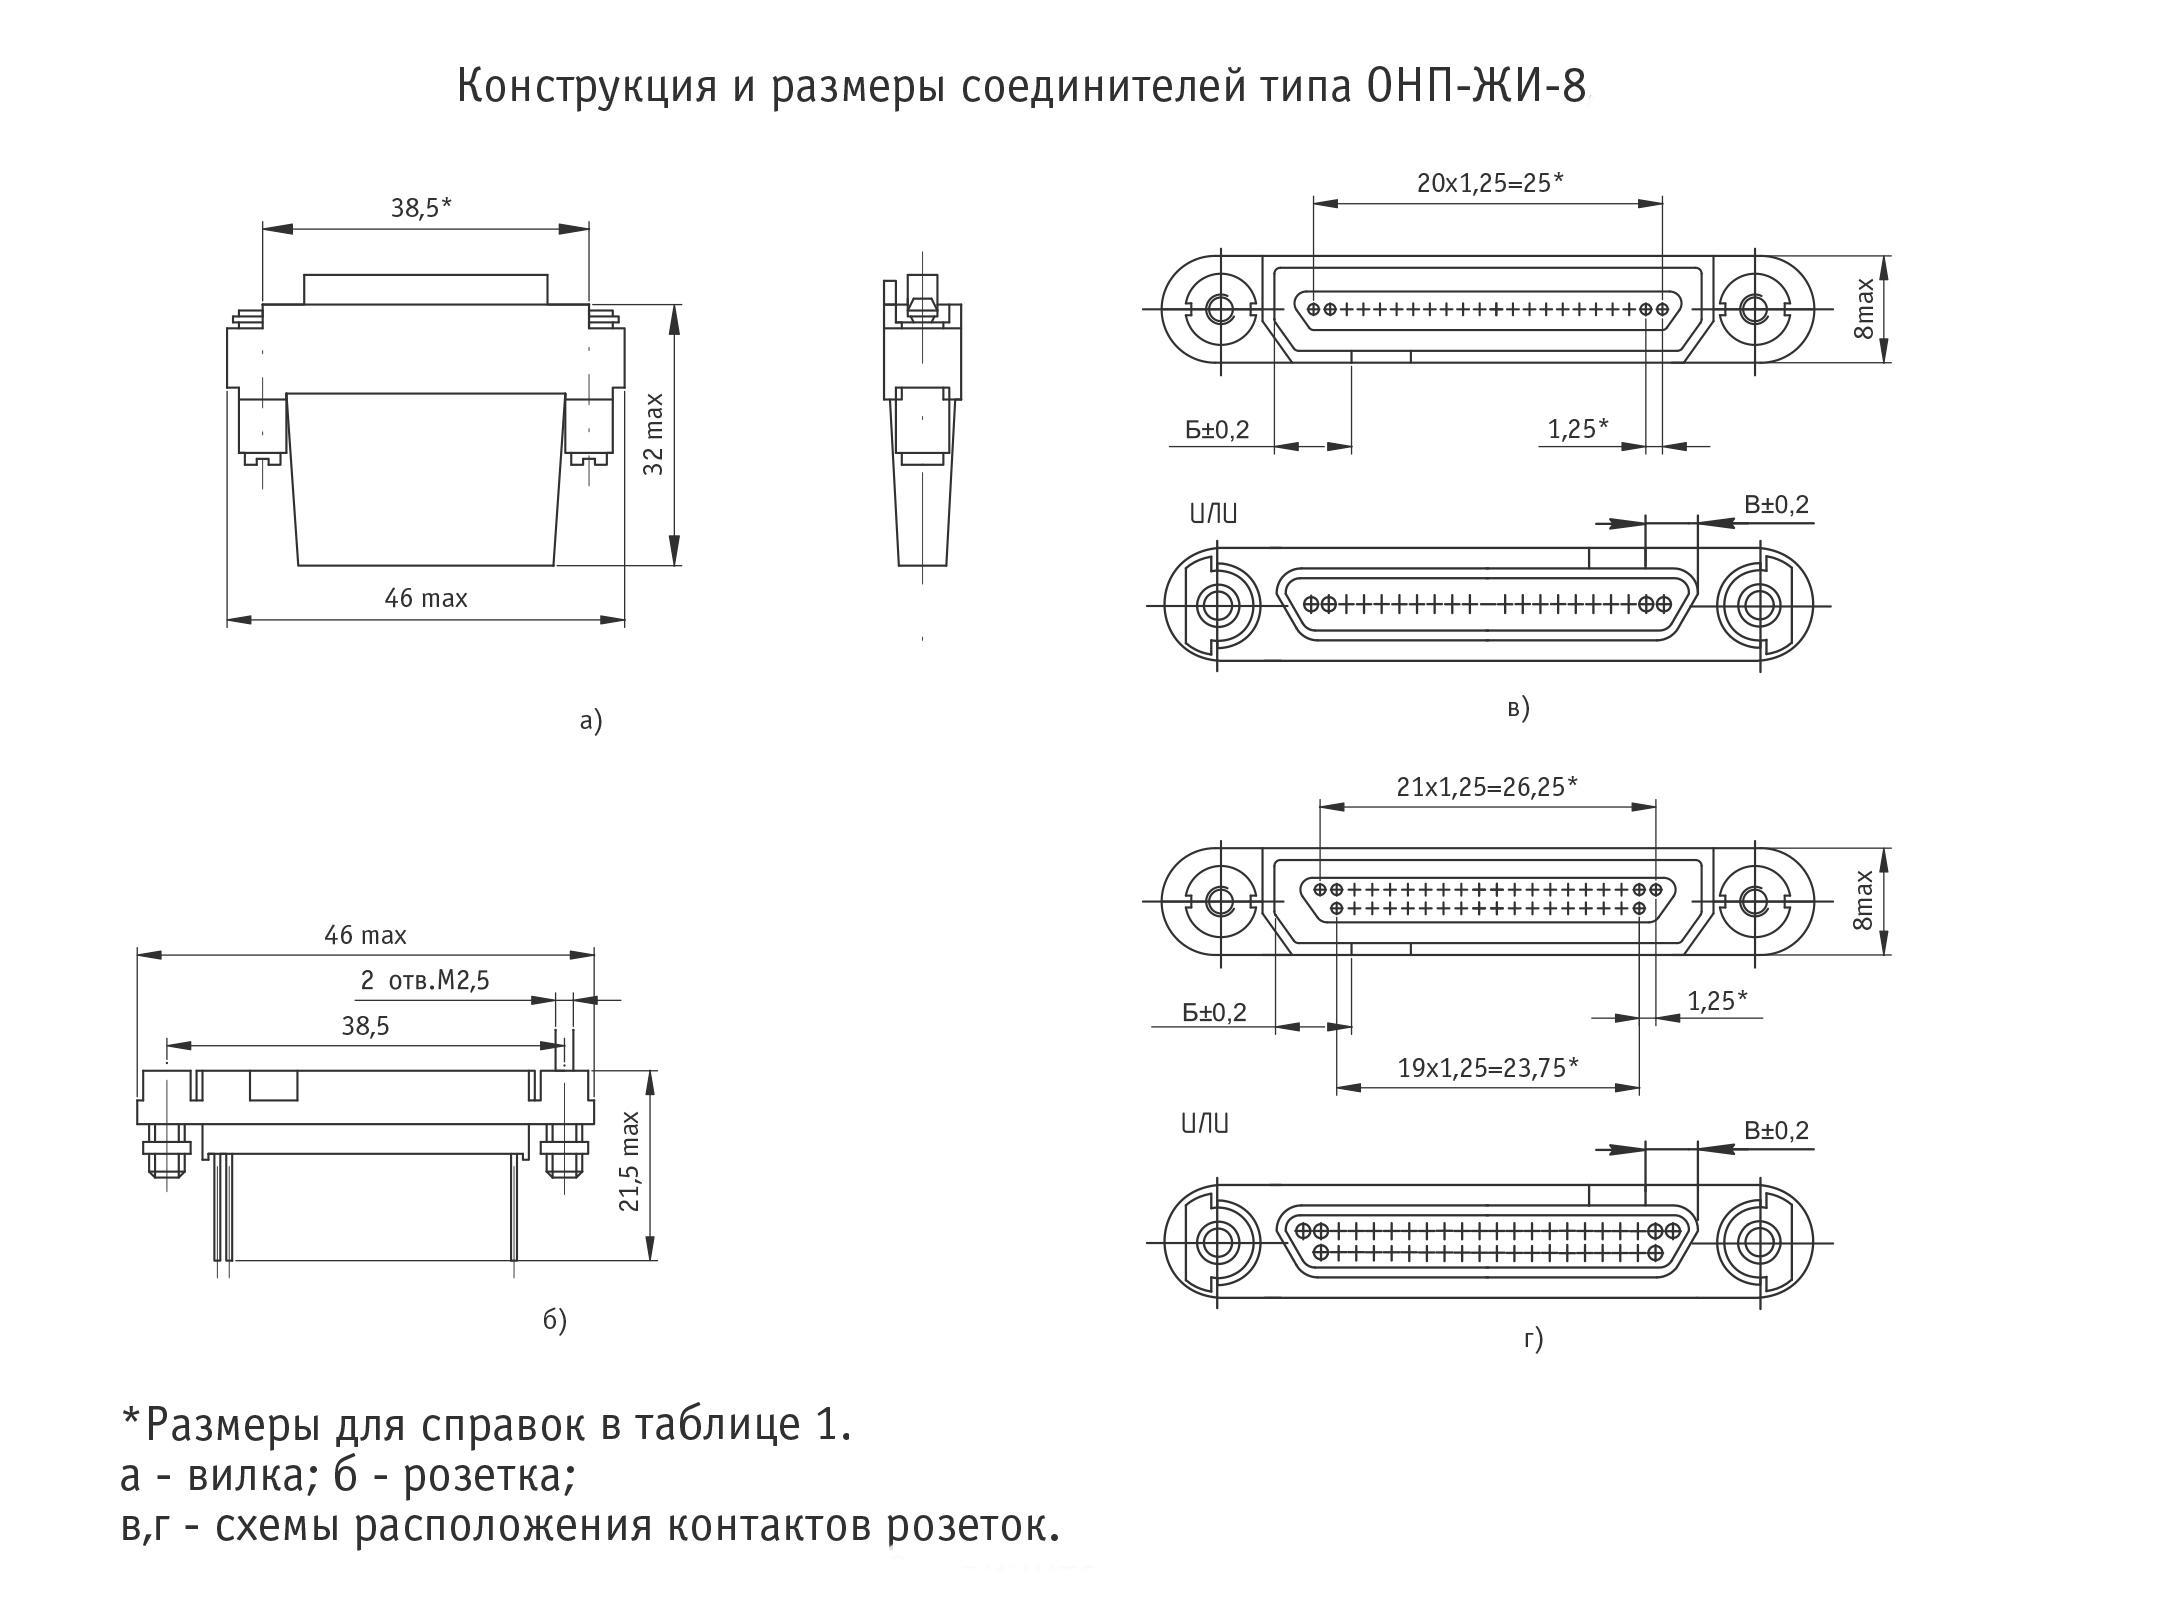 Ост в 11 0121 91 скачать pdf